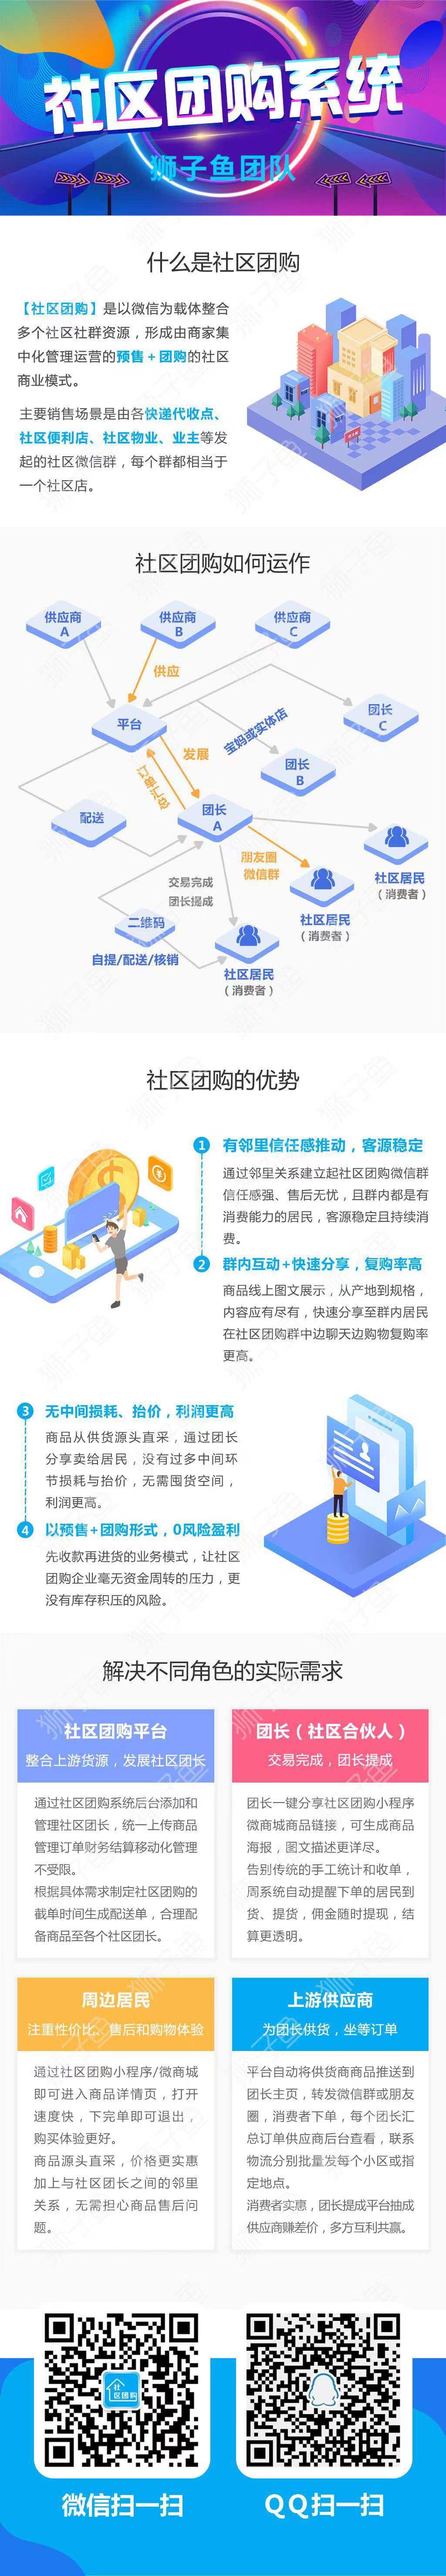 【小程序】狮子鱼独立版php社区团购系统12.9.0+小程序前端+直播插件